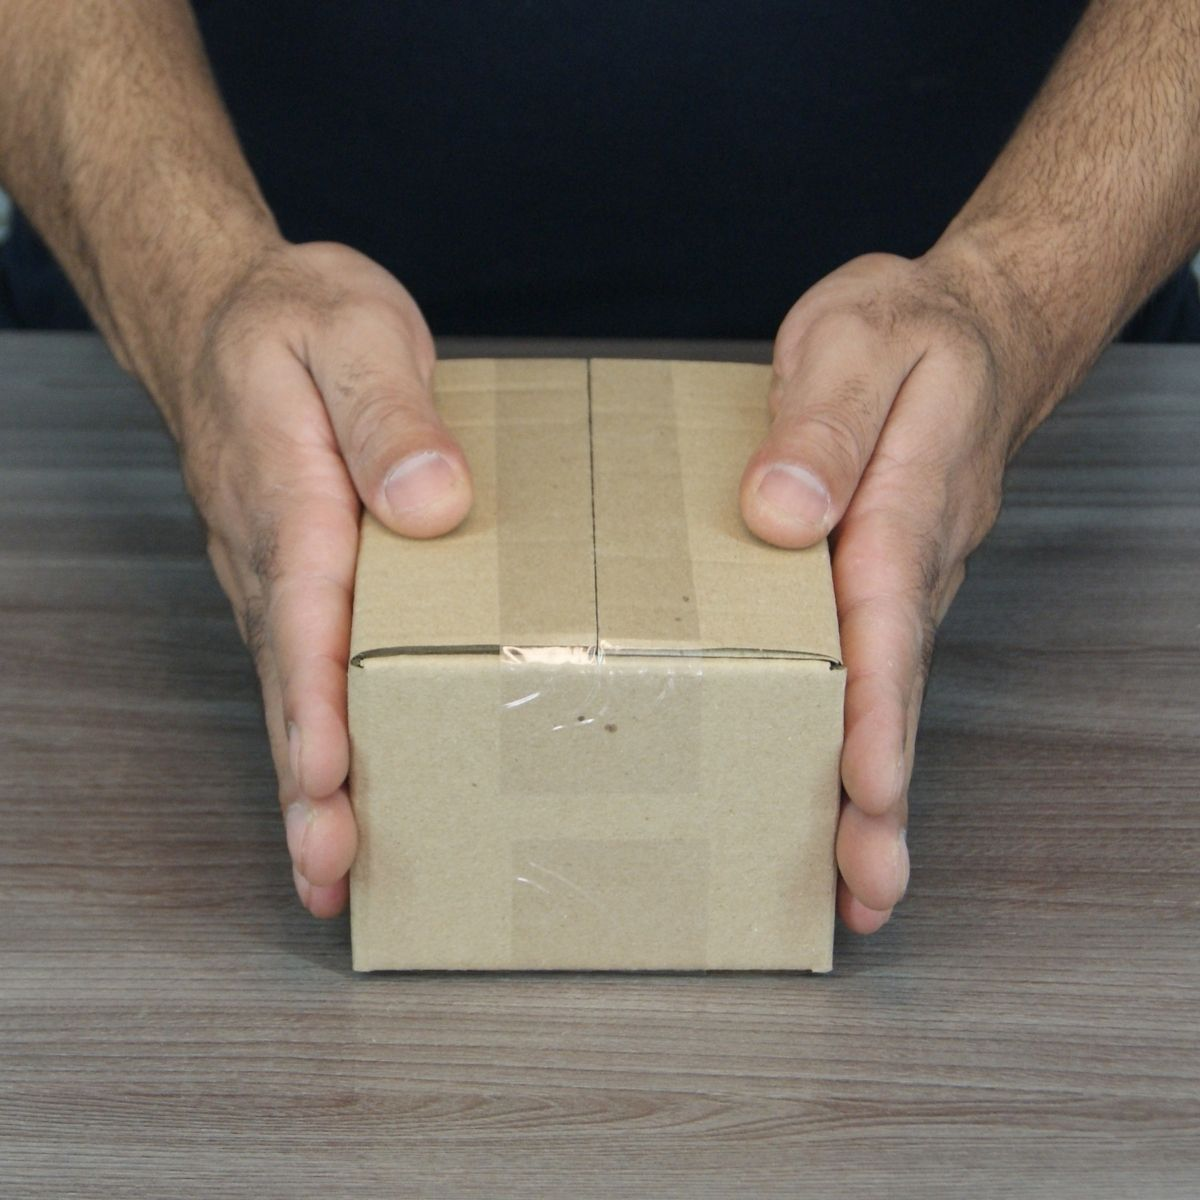 200 Caixas de Papelao (16X11X8)cm - Sedex / Pac / Correios